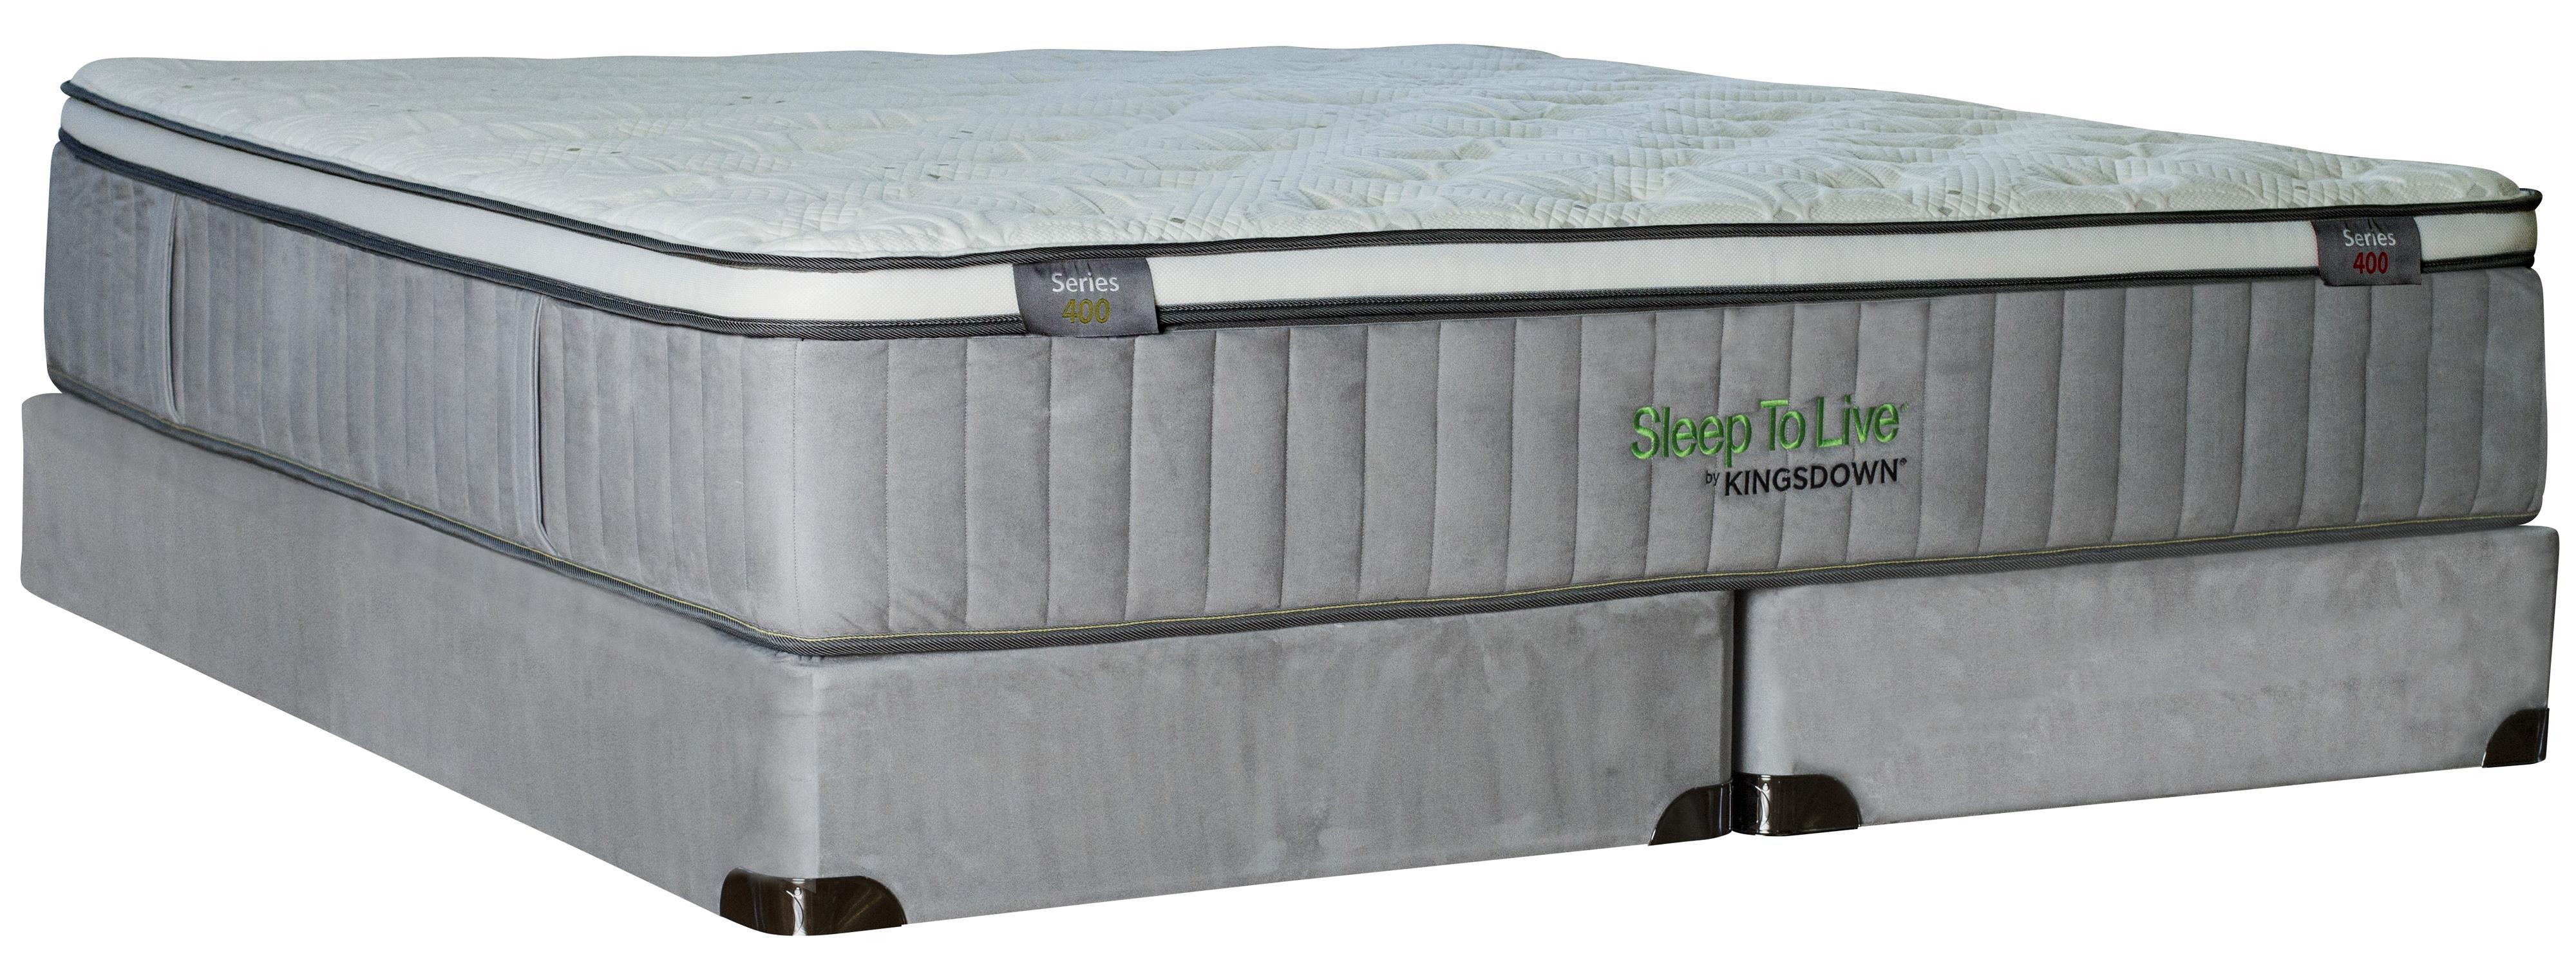 Kingsdown Sleep To Live 400 Full Euro Top Mattress with Gel Memory Foam - Item Number: Series400-F